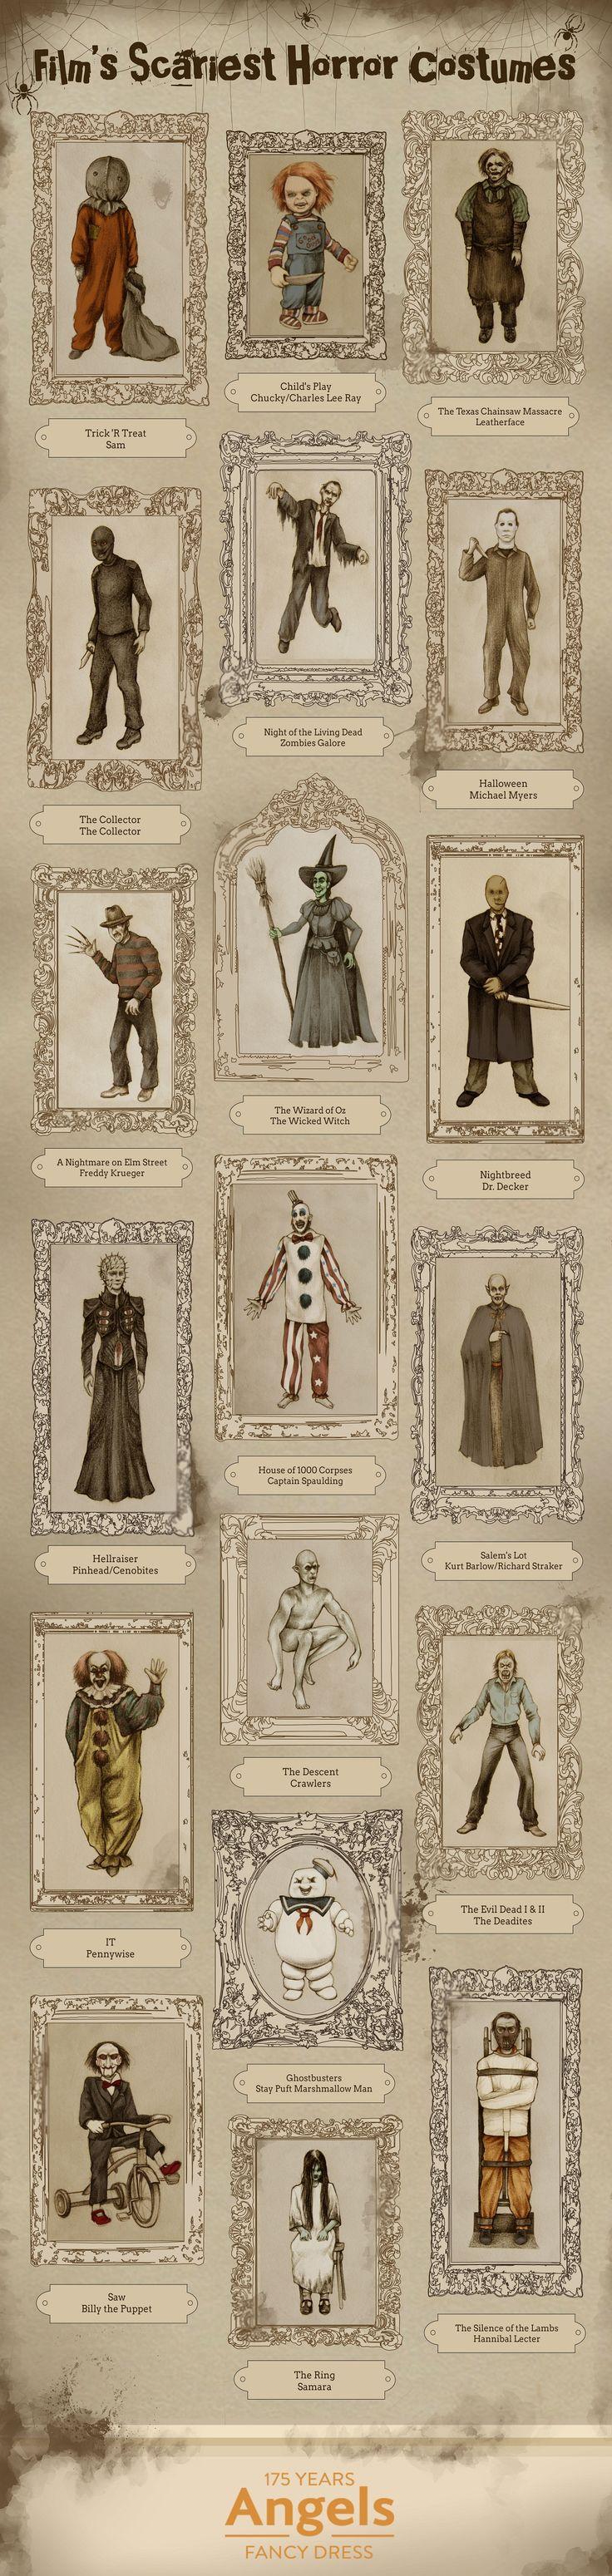 Trajes de los villanos del cine de terror #infografía Film's Scariest Horror Costumes #infographic #HorrorCostumes